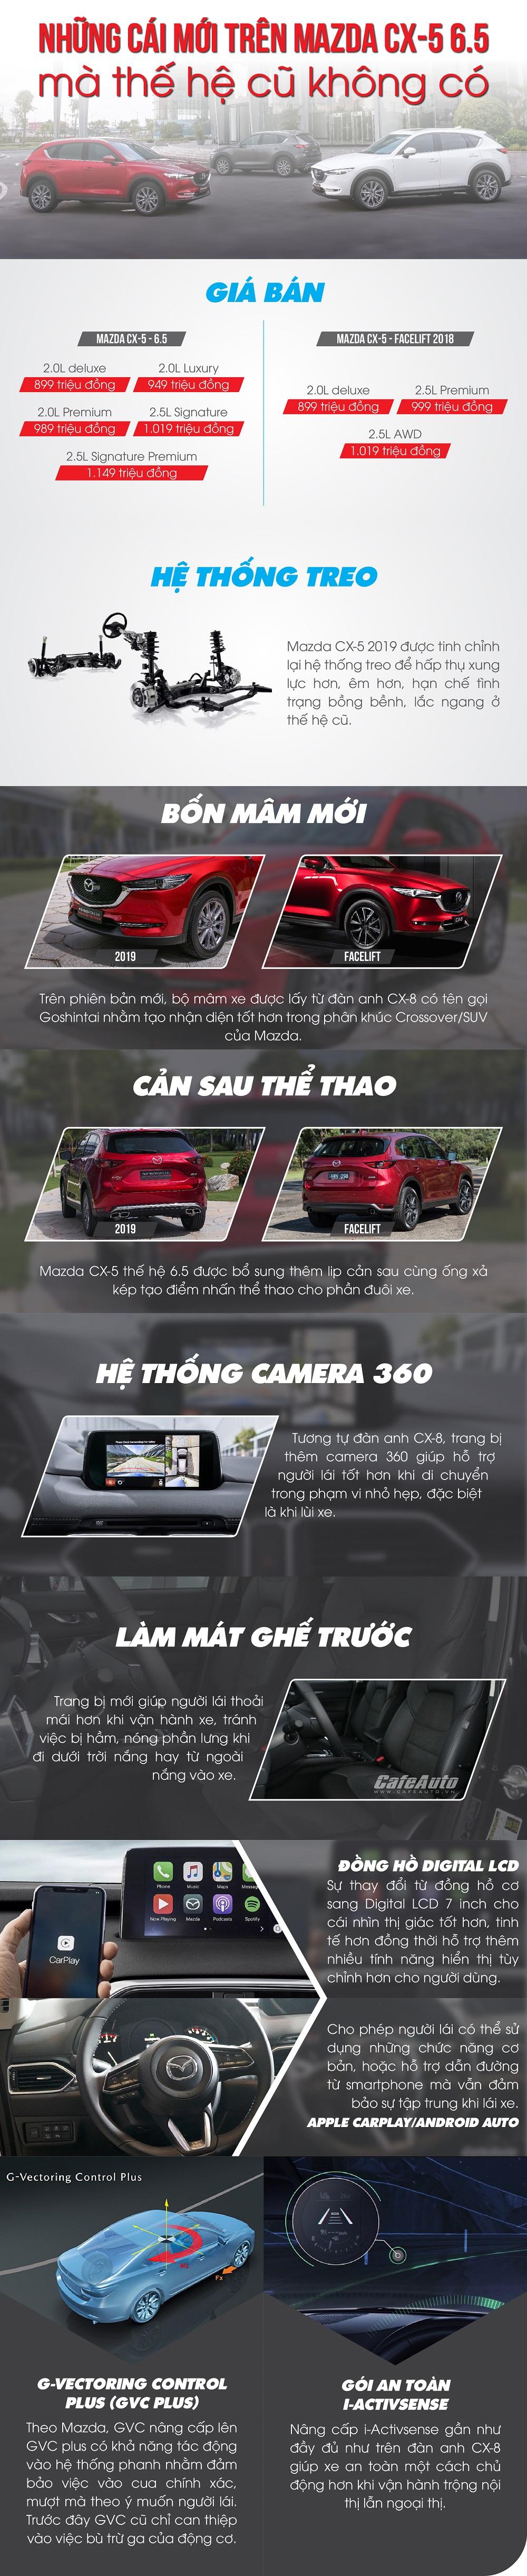 nhung-cai-moi-tren-mazda-cx-5-ma-the-he-cu-khong-co